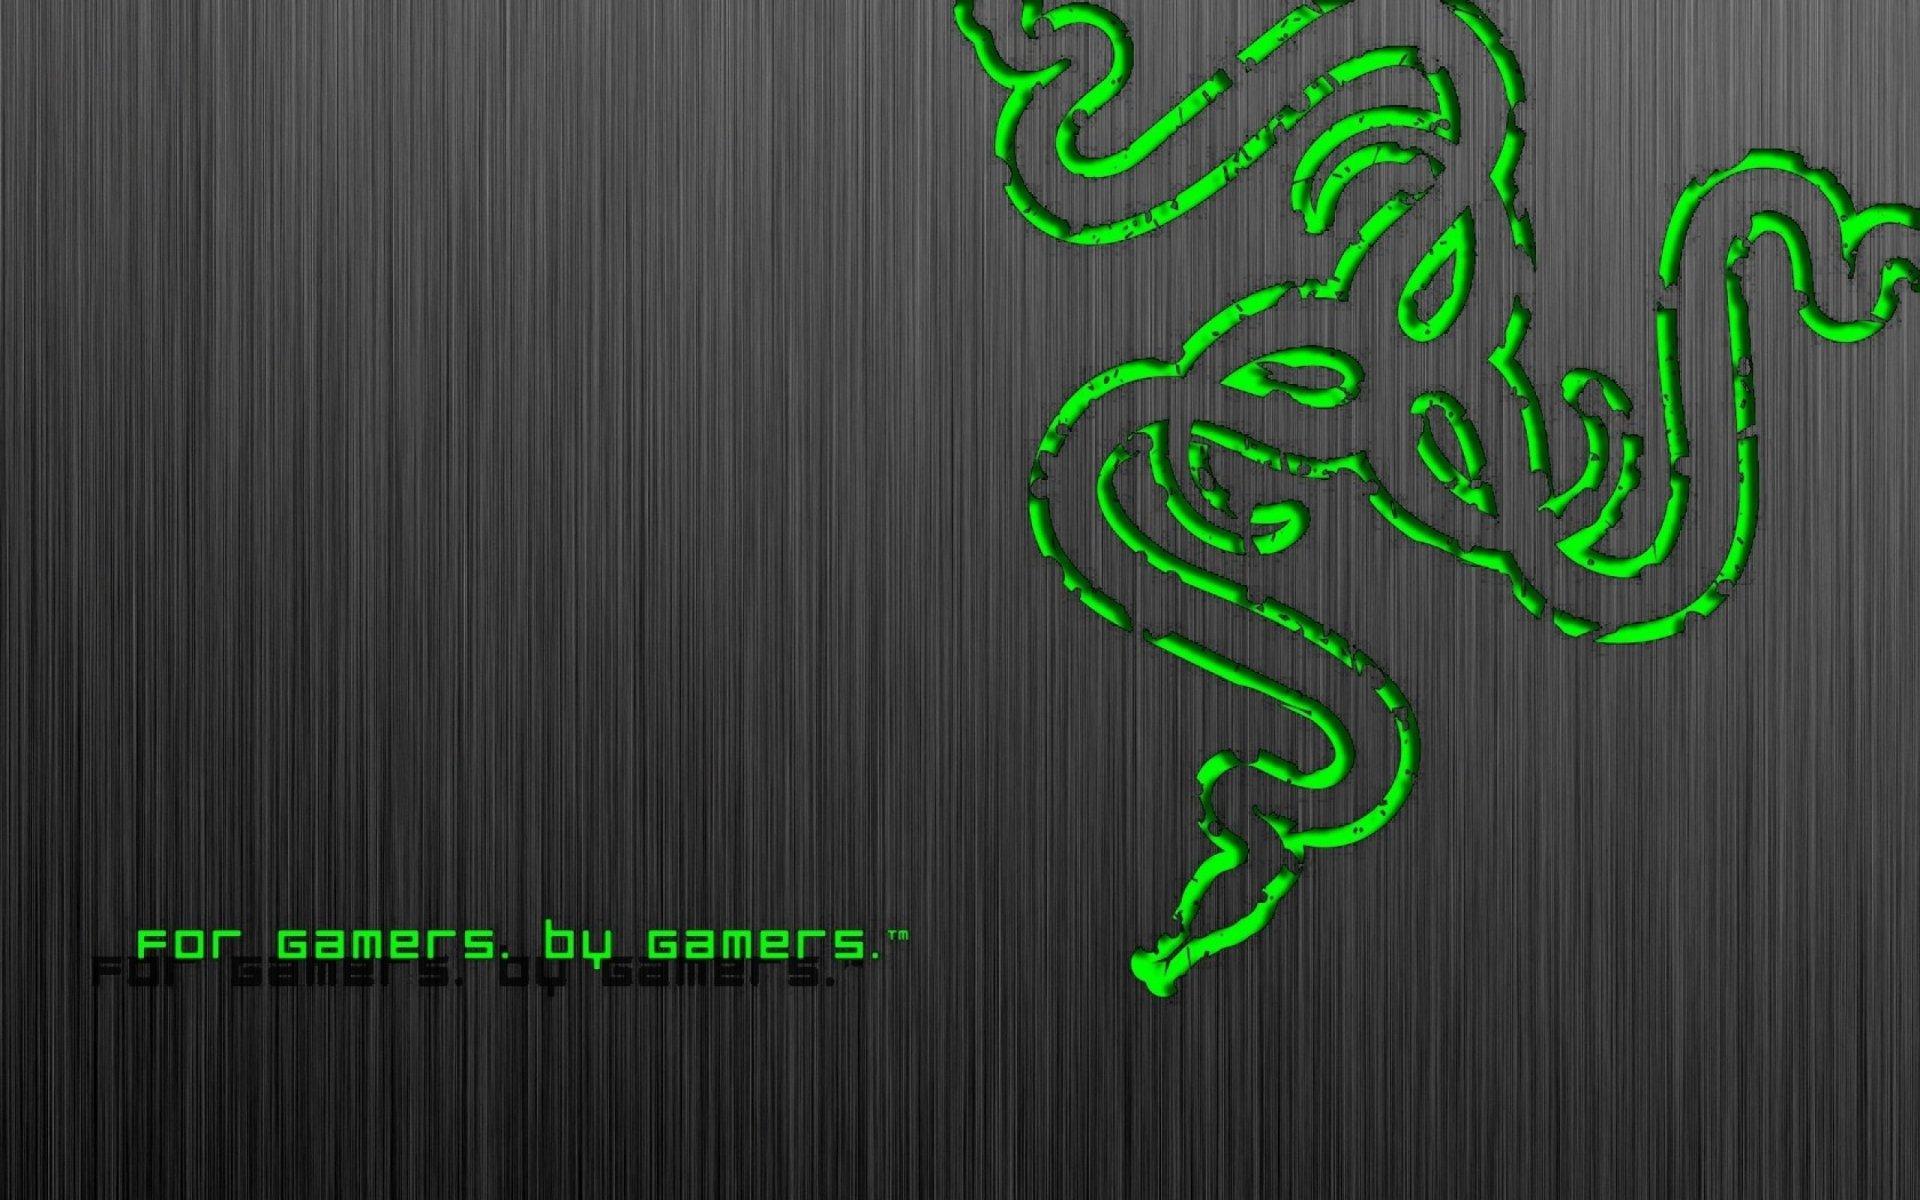 雷蛇壁纸_雷蛇高清壁纸|桌面背景|1920x1200|ID:756390-WallpaperAbyss